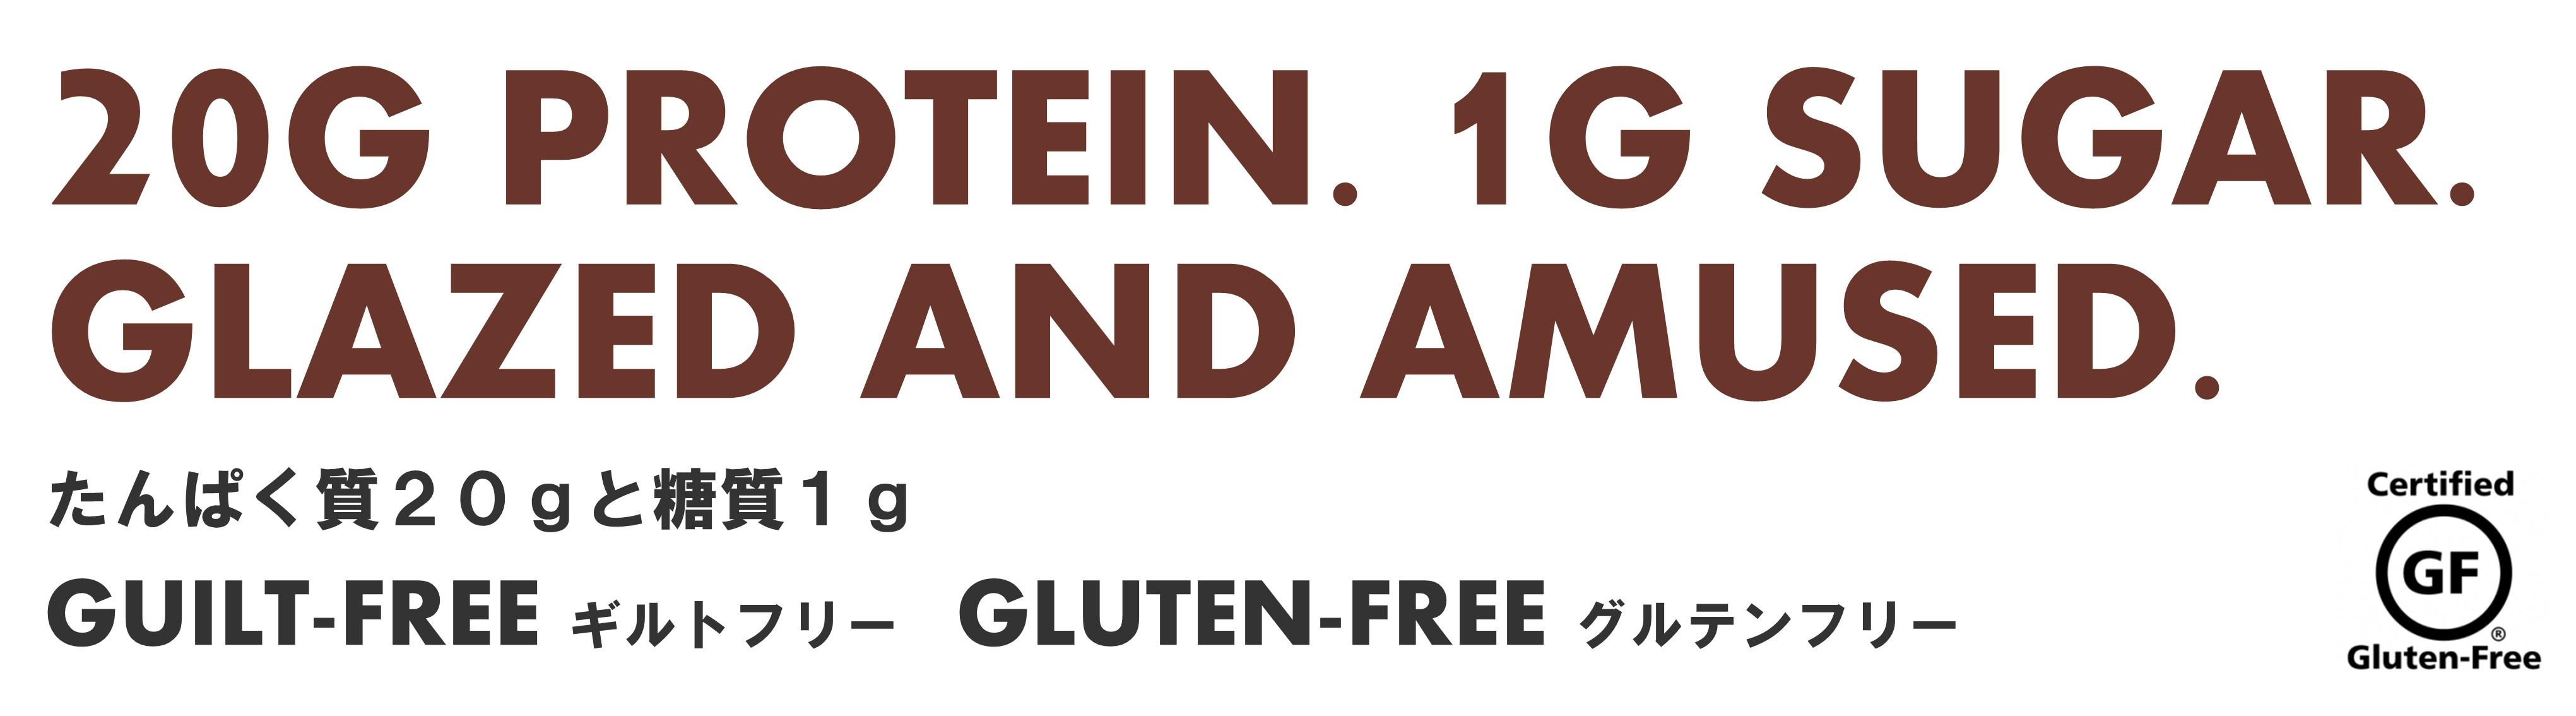 プロテインバー ONEバー メイプルグレイズドドーナッツ たんぱく質20g砂糖1g ギルトフリー グルテンフリー